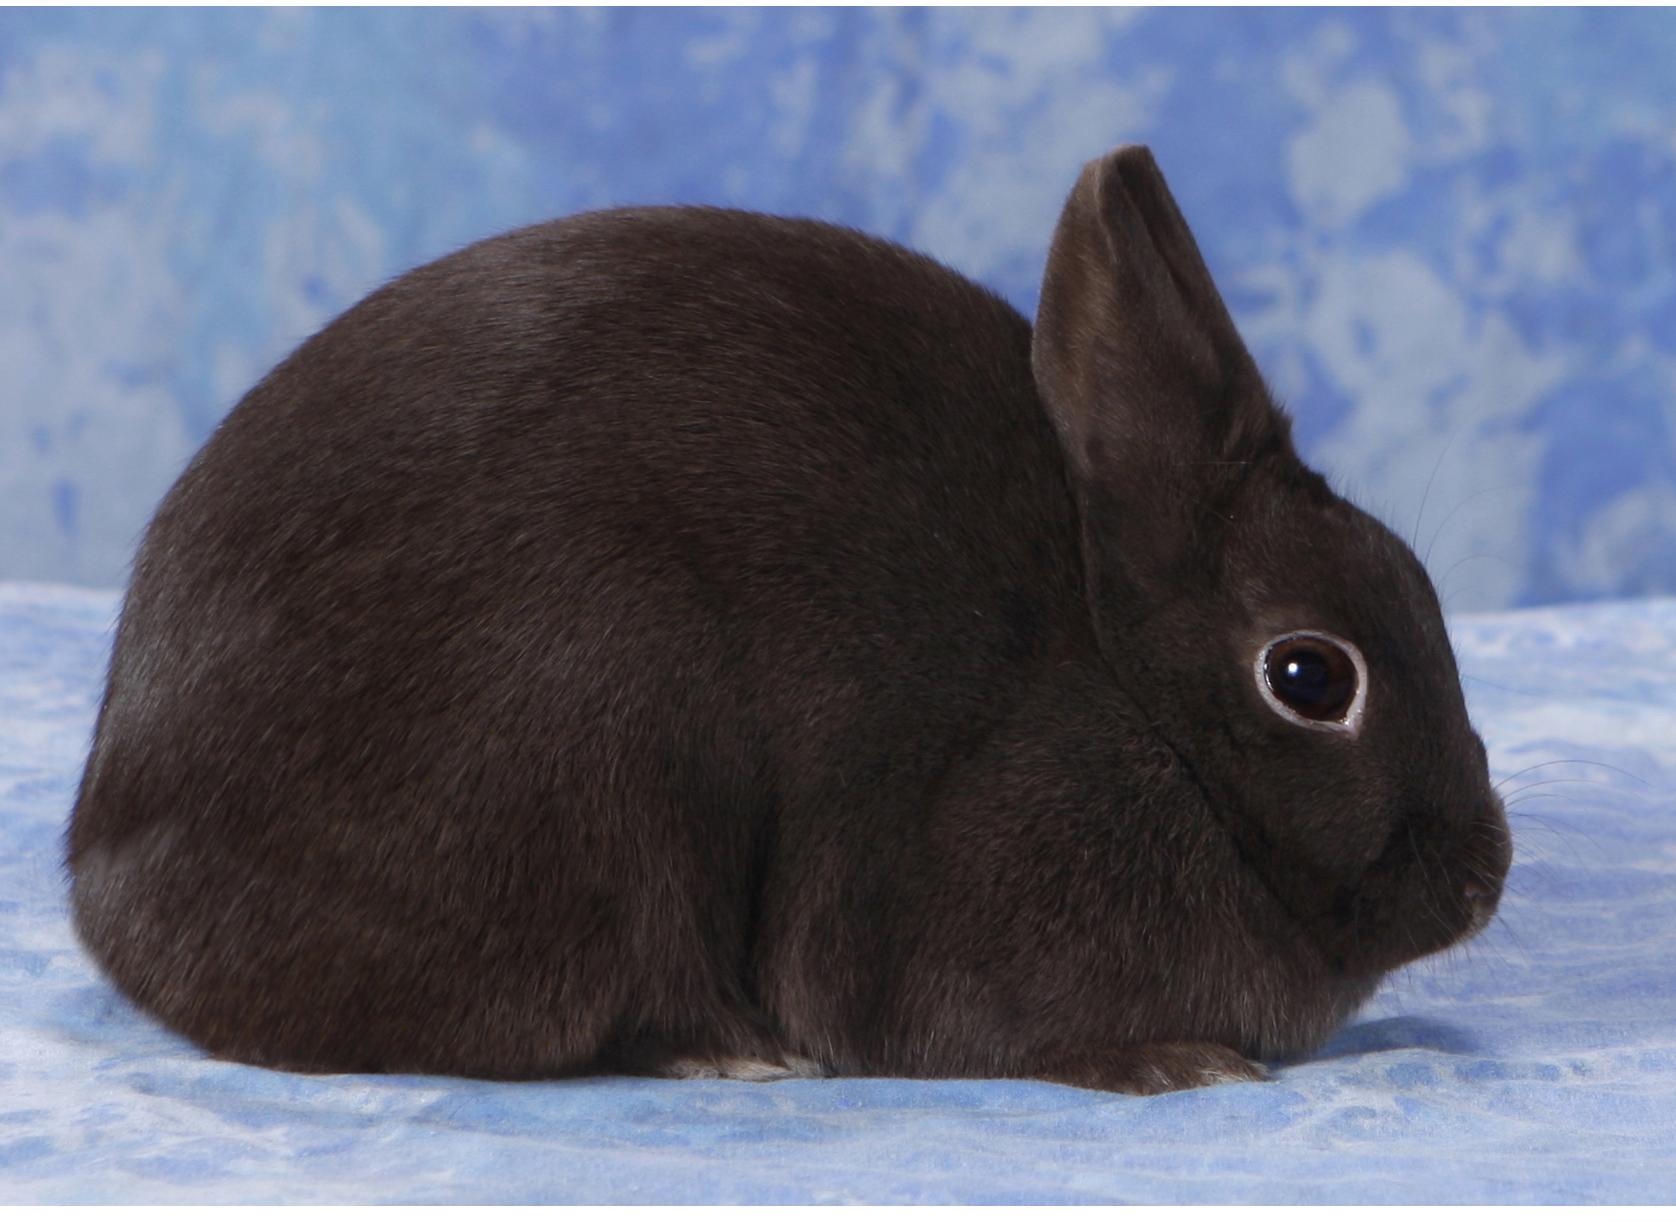 Chú thỏ lông đen xinh xắn